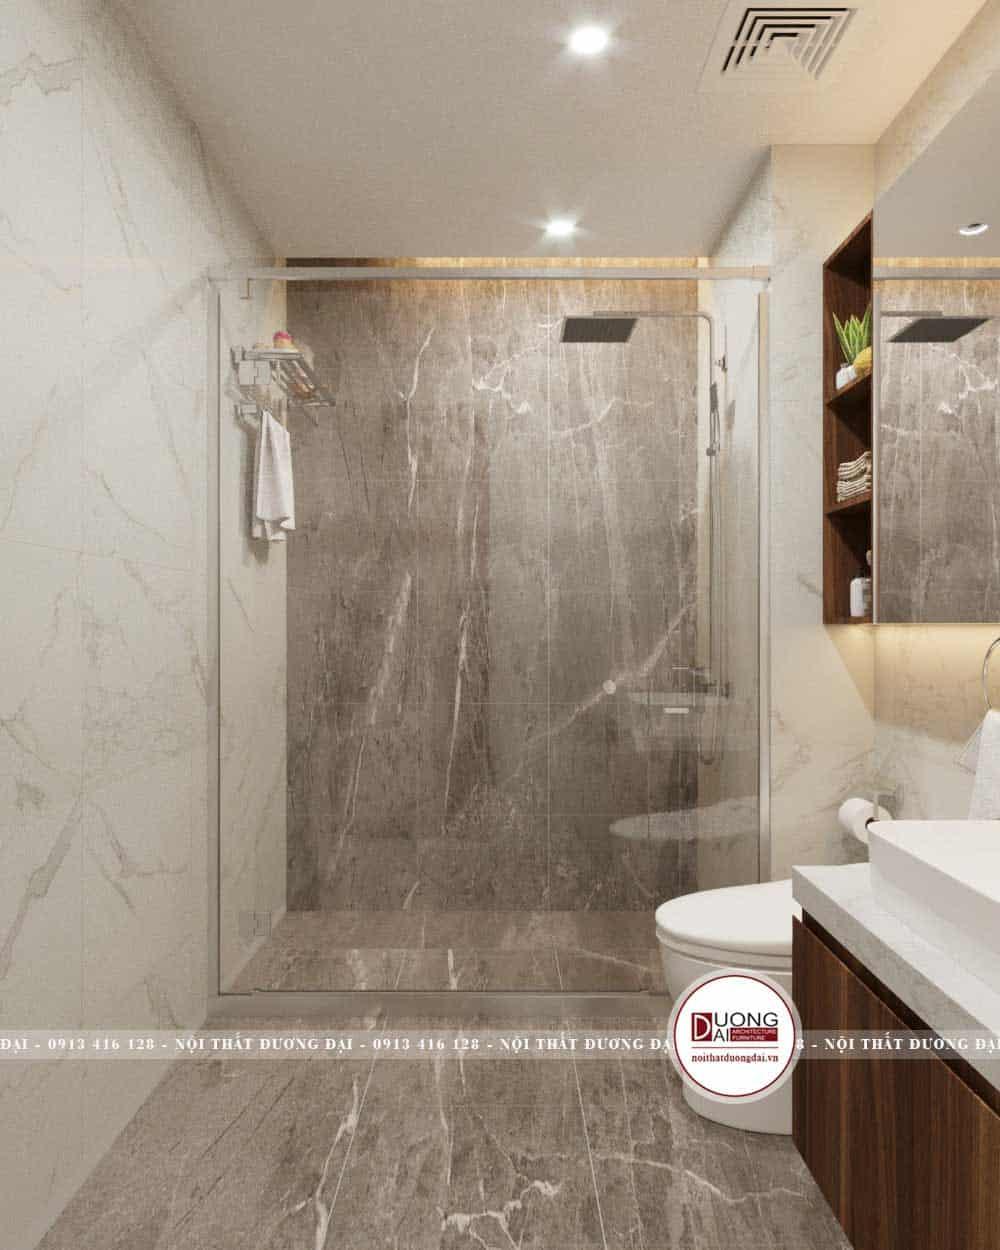 Thiết kế hiện đại của phòng tắm kính và nội thất cao cấp